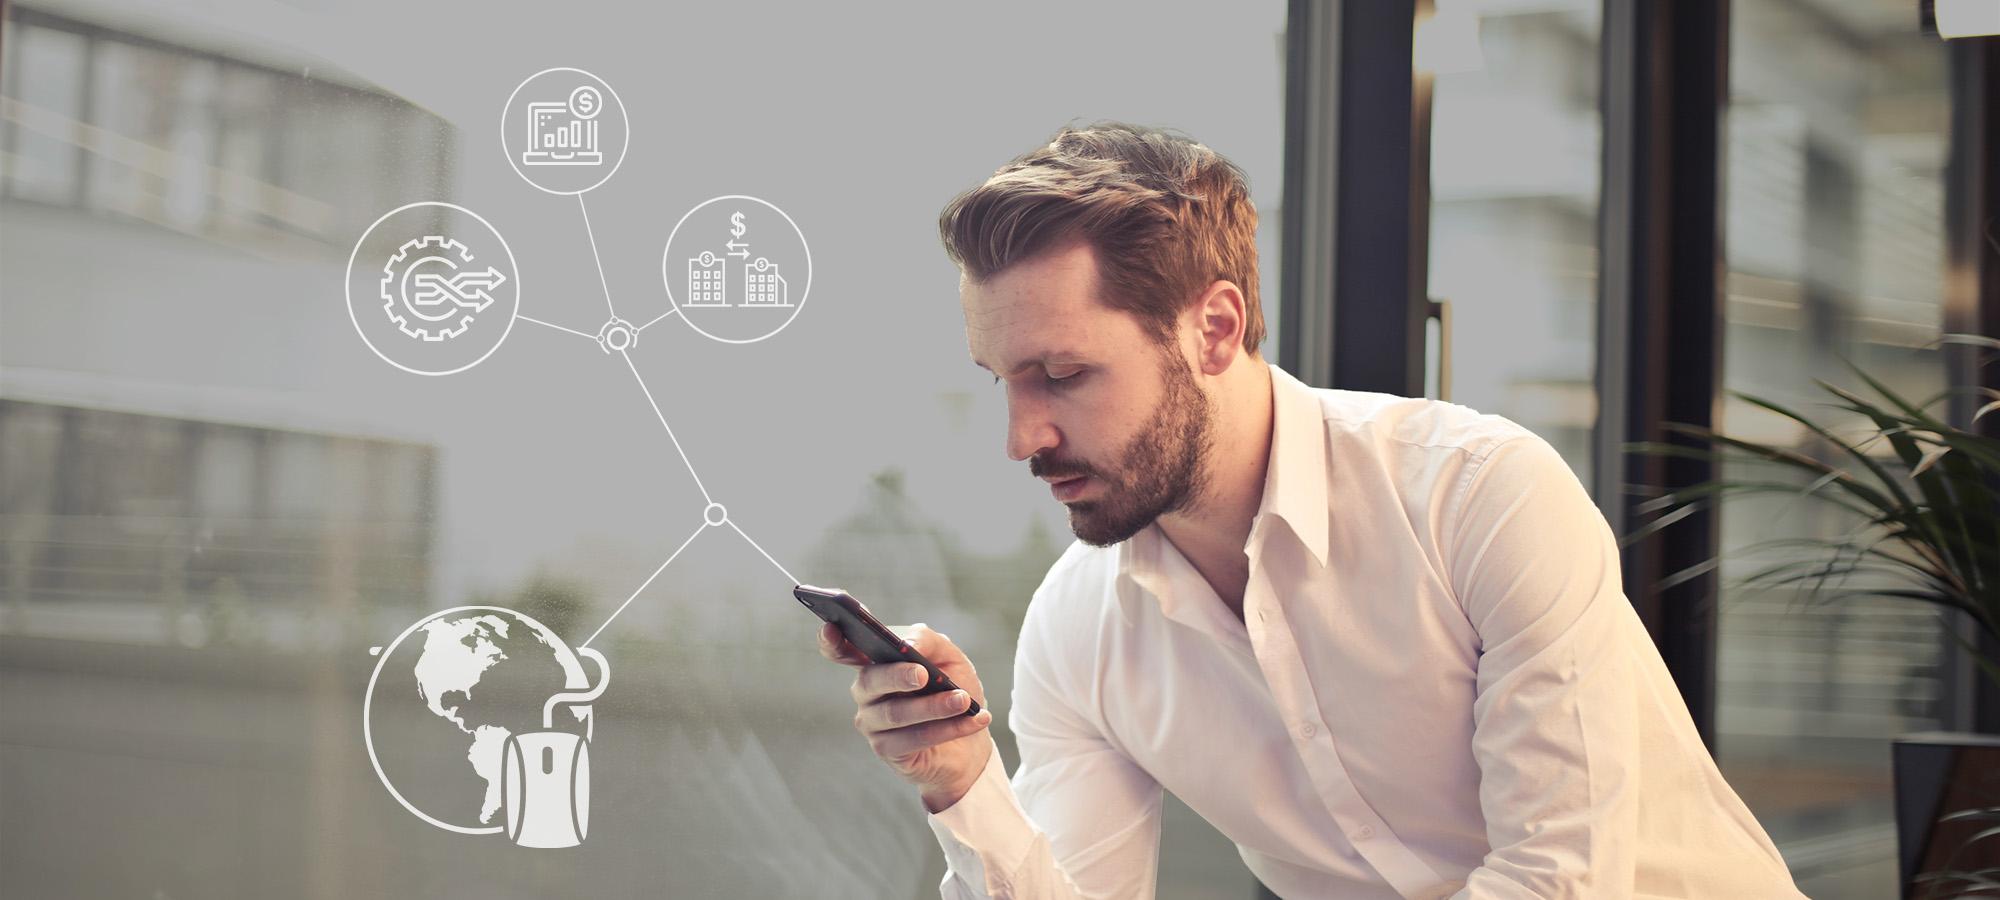 Digitale Transformation für Banken, im Banking und Bankensektor